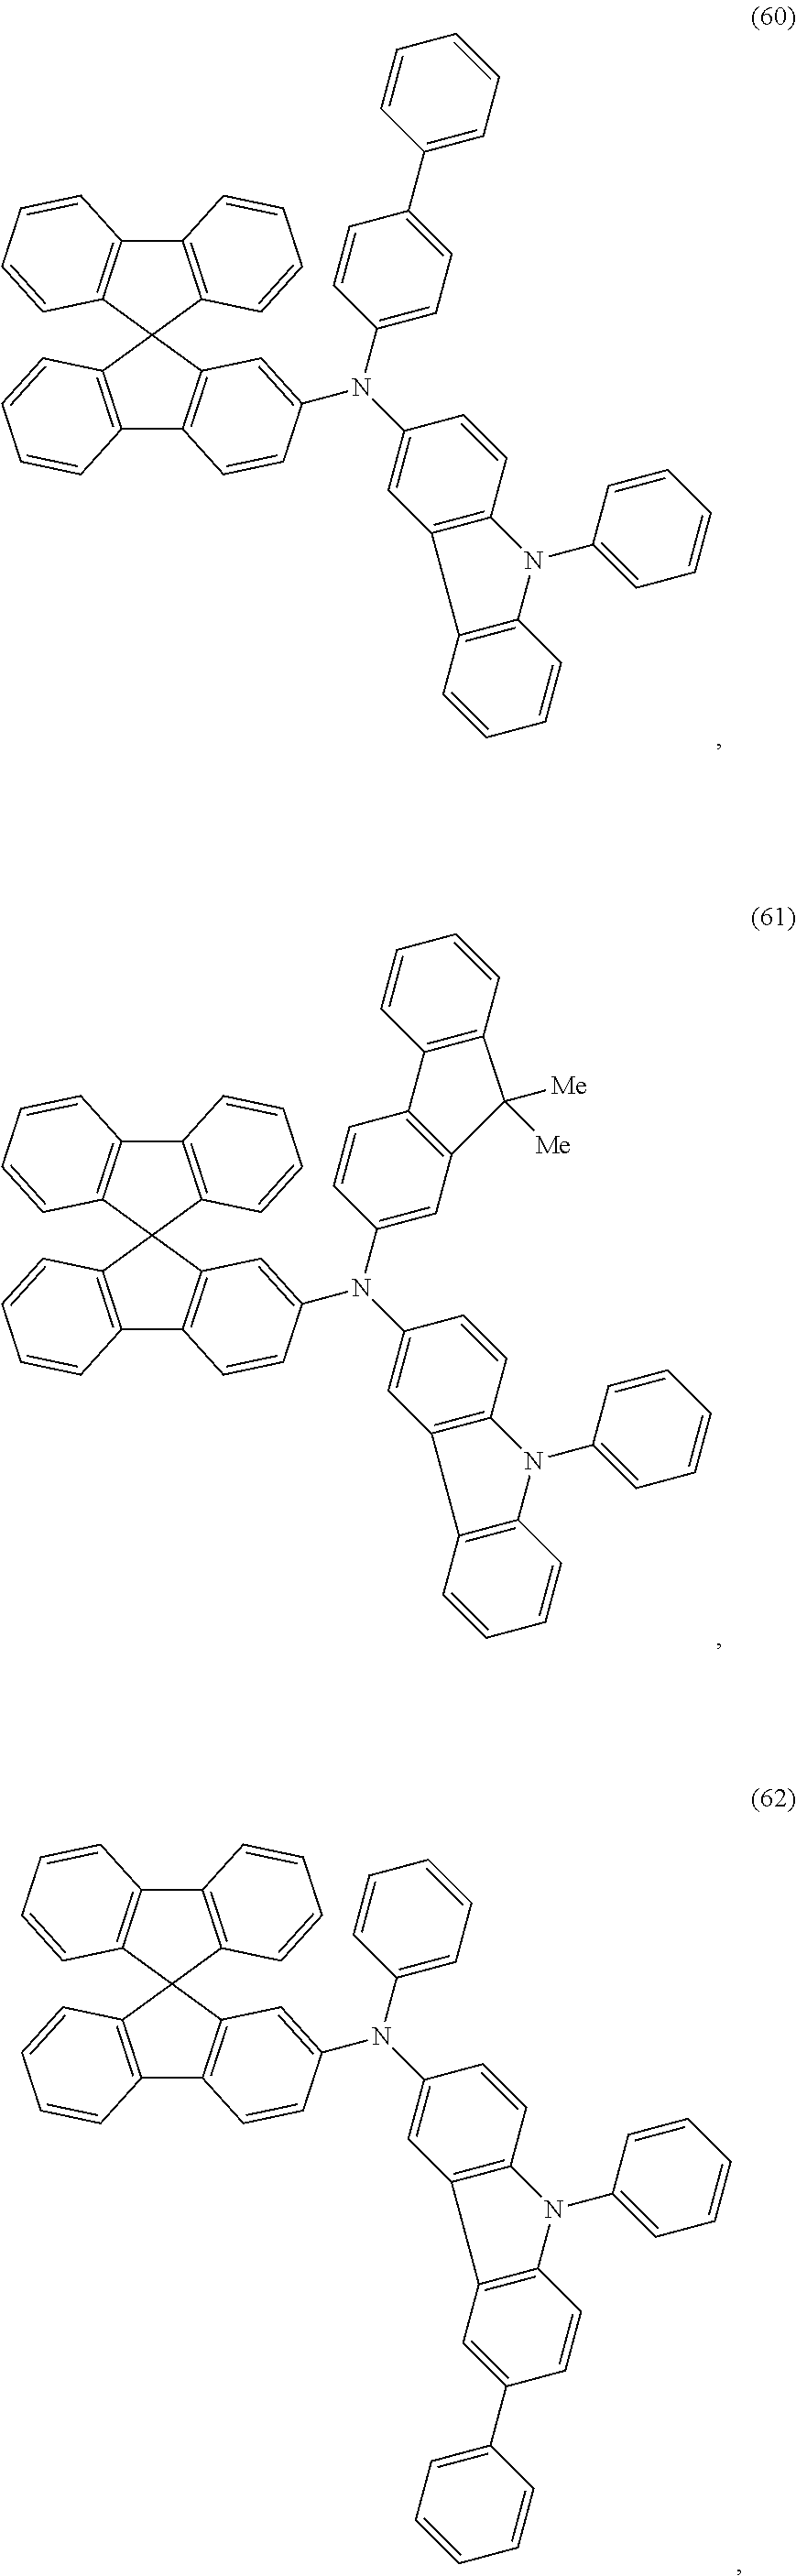 Figure US09548457-20170117-C00058